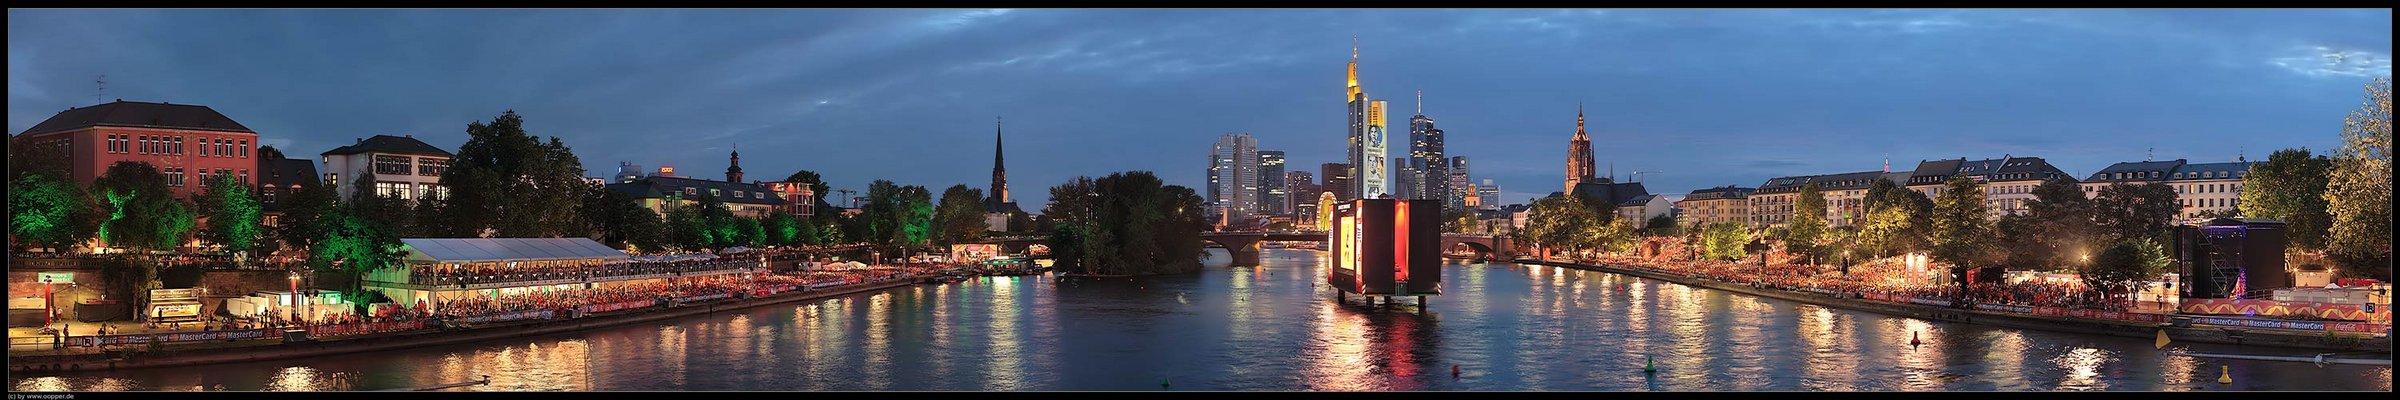 Frankfurt - Mainufer V